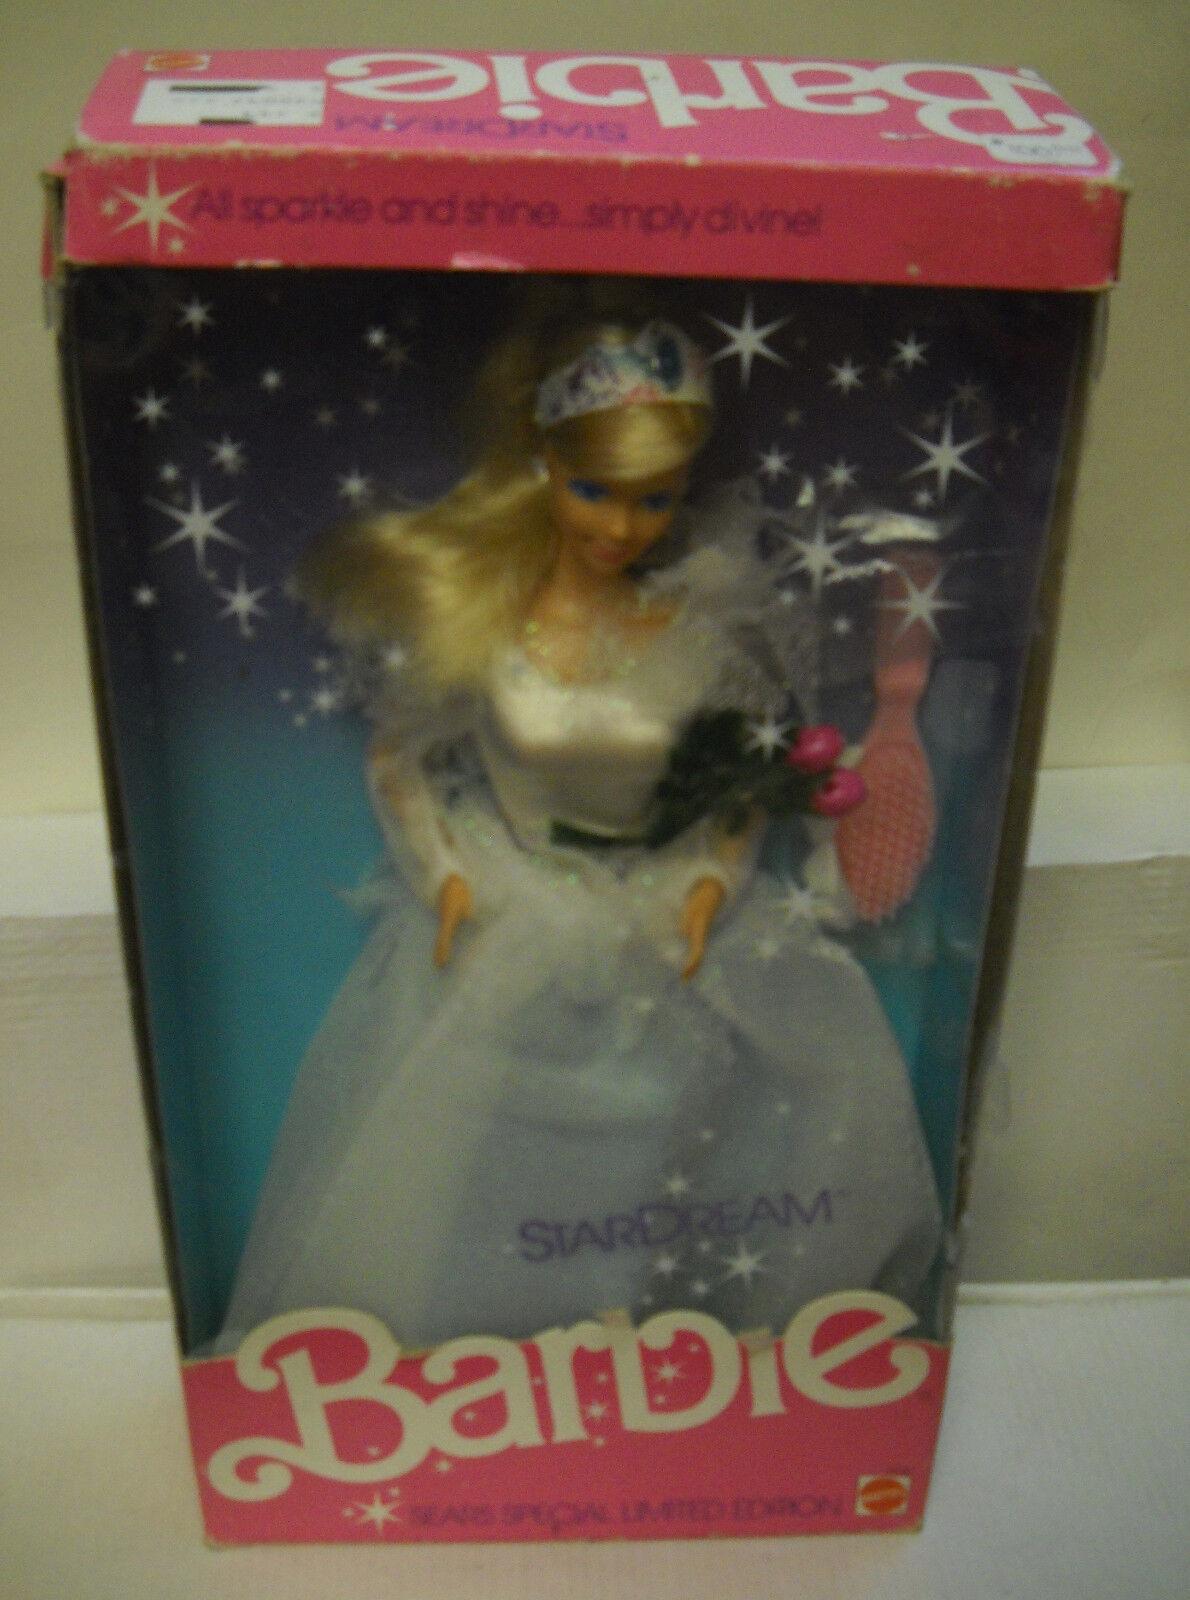 Nrfb Mattel Sears Stardream Barbie Edición Limitada Especial Muñeca